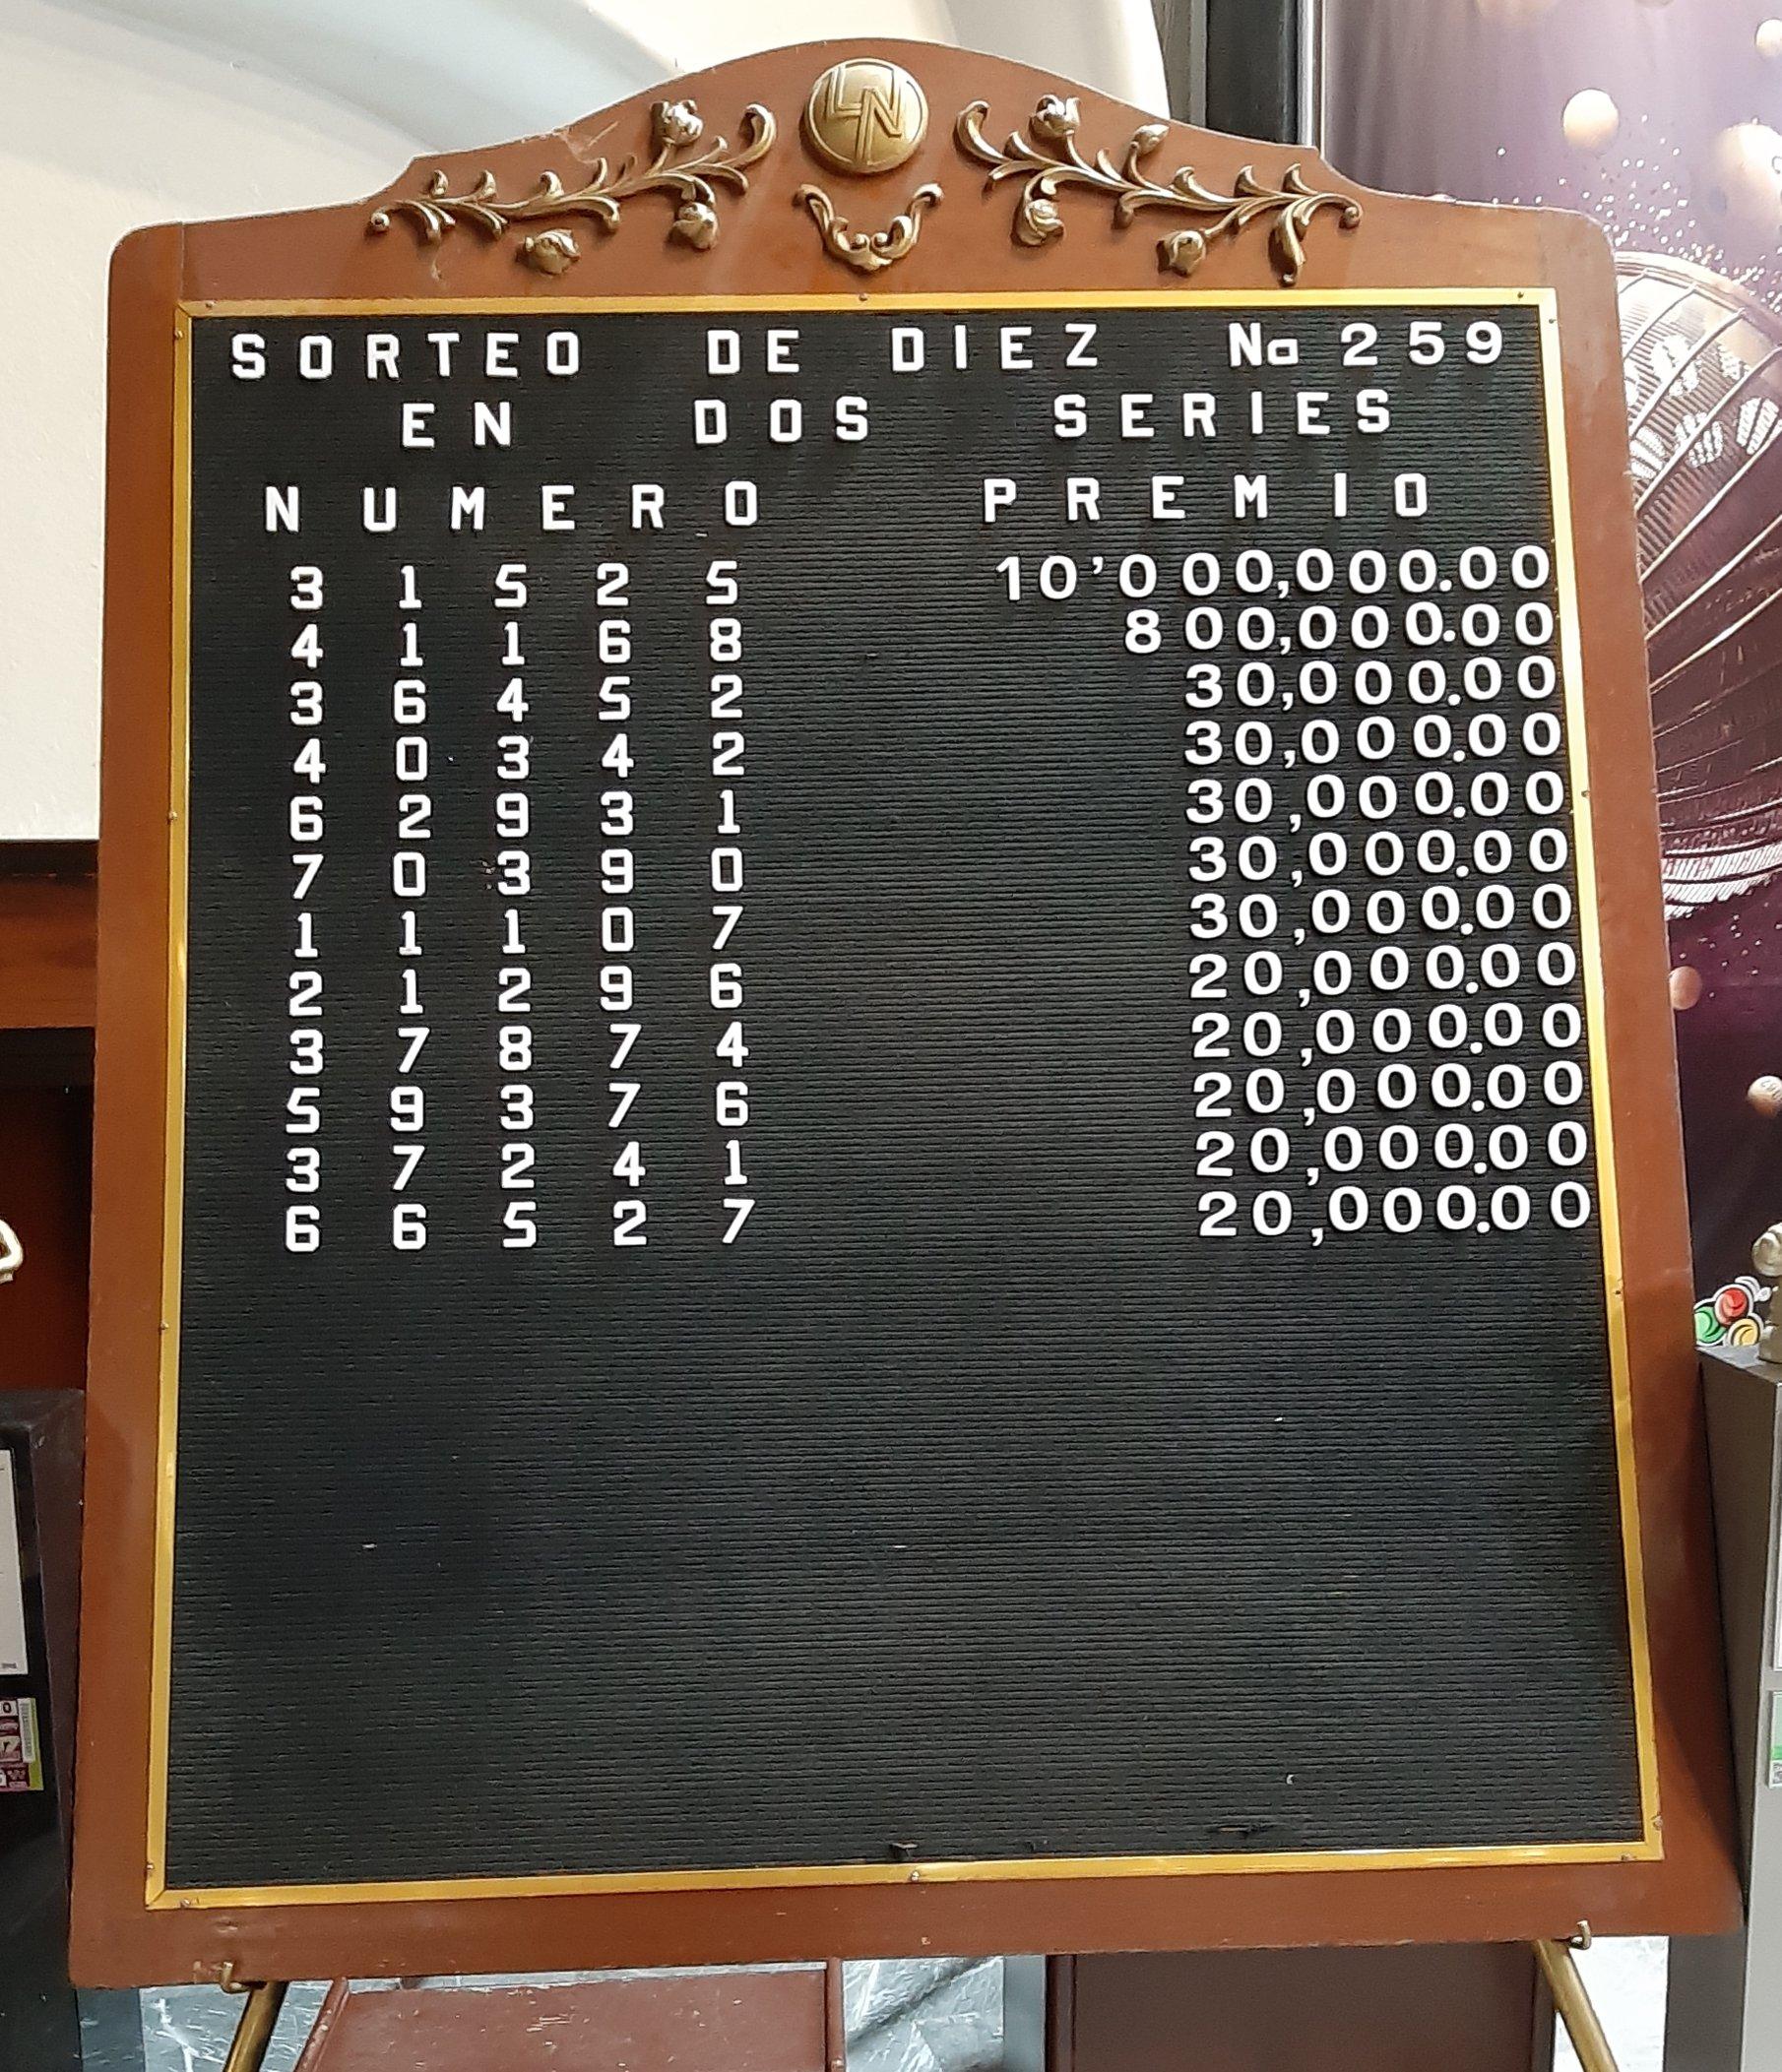 Resultados sorteo diez 259